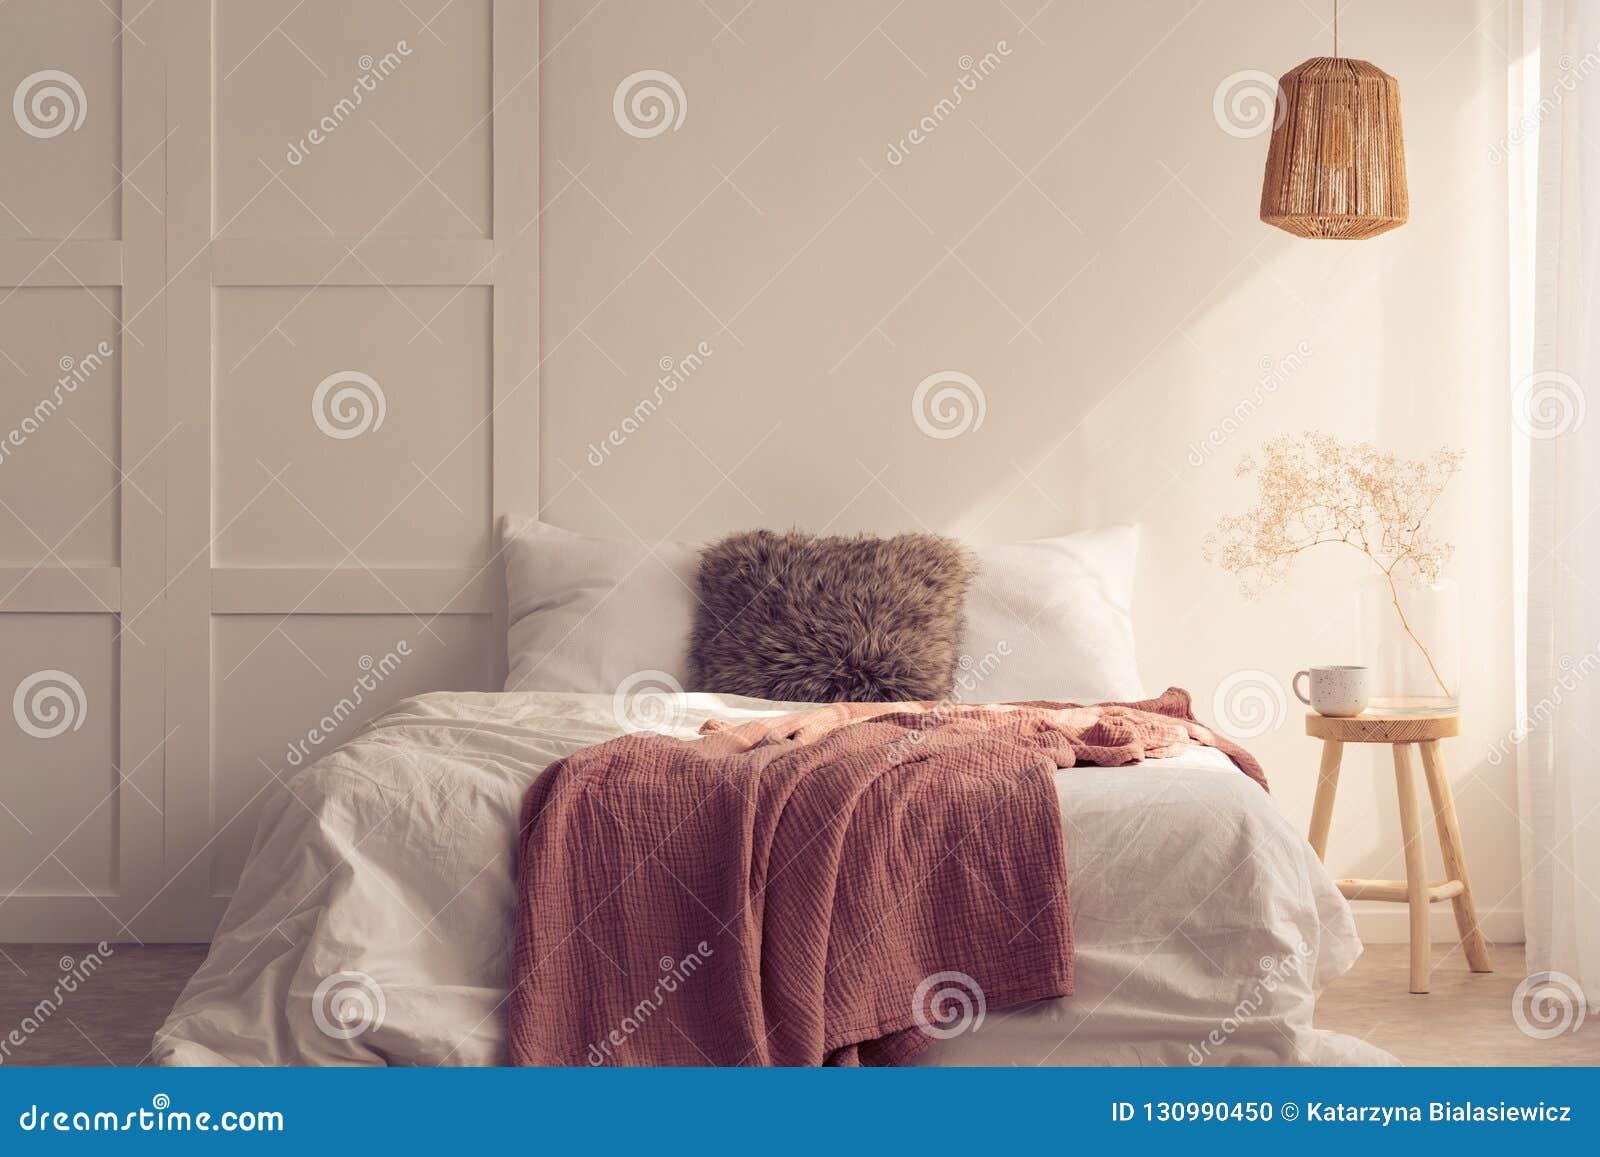 Ιδέα σχεδίου κρεβατοκάμαρων με το κρεβάτι μεγέθους βασιλιάδων με τη ρόδινη γενική, πραγματική φωτογραφία